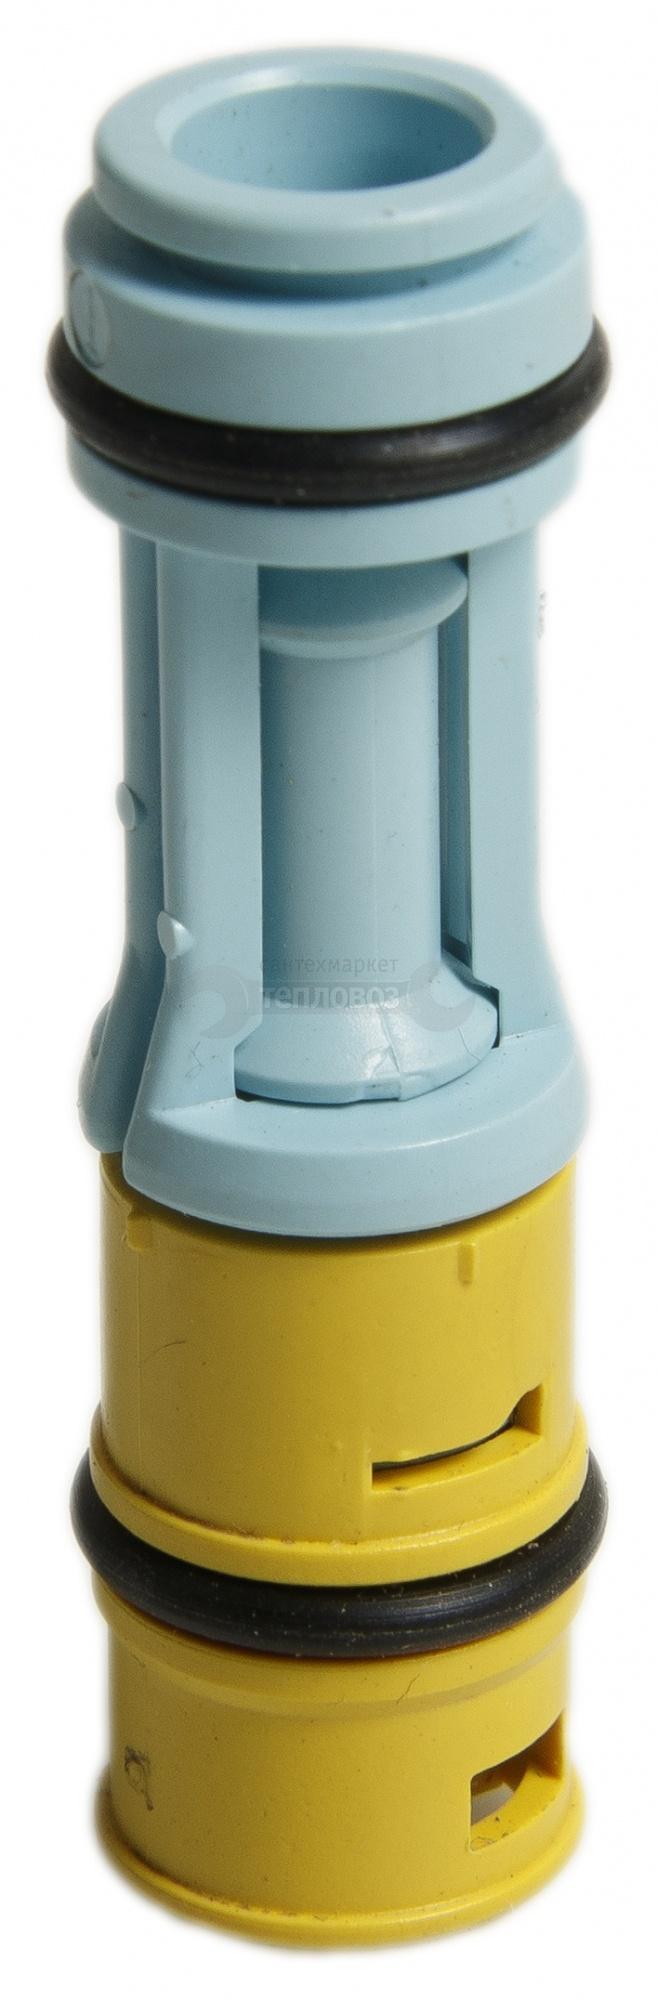 Купить Адаптер для управляющего клапана 7700 в интернет-магазине Дождь